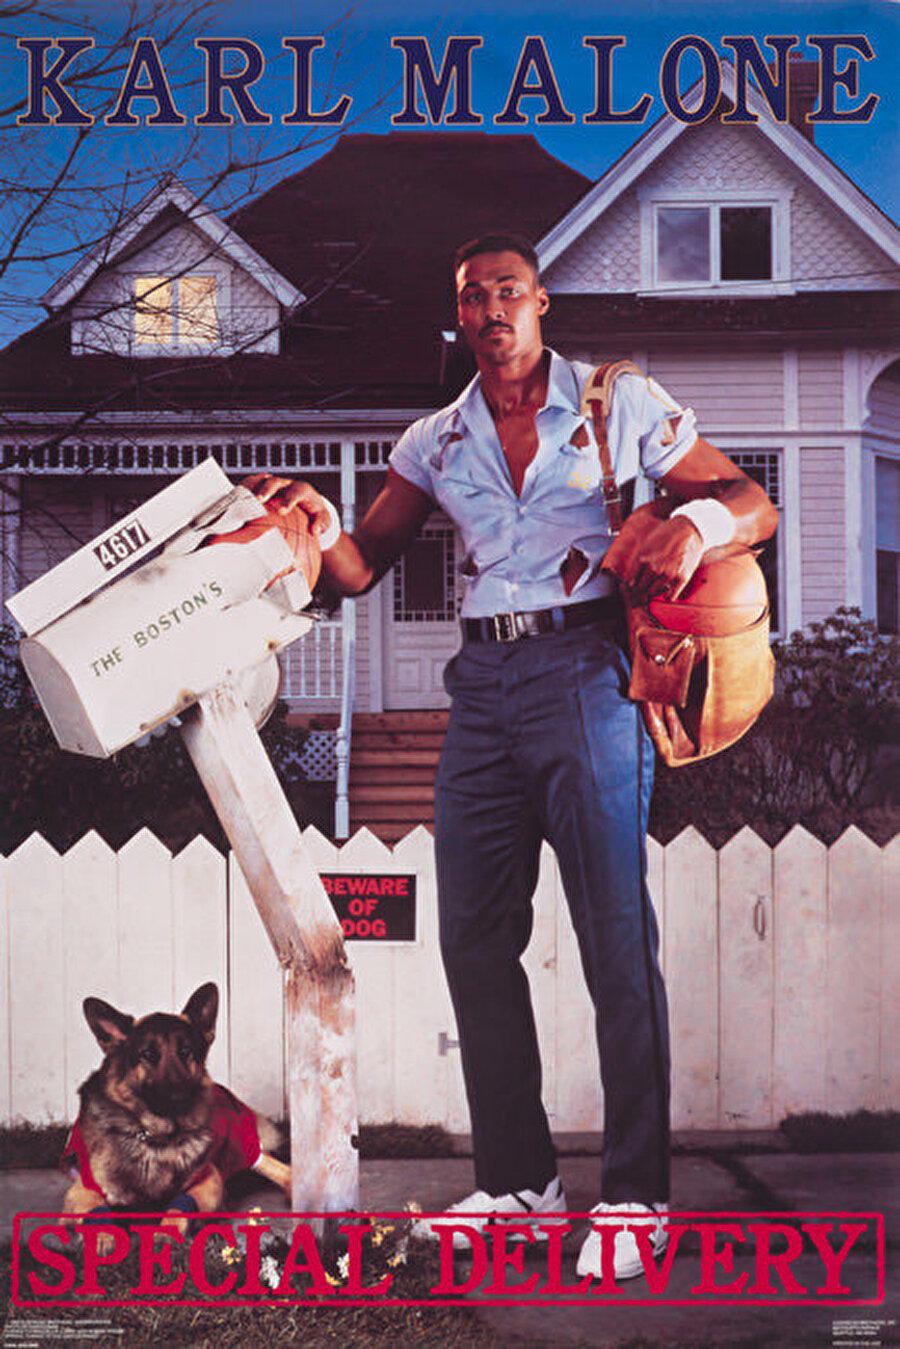 Karl Malone NBA'de tüm zamanların en iyi dört numarası olarak gösterilen Karl Malone, iki kez MVP ödülü kazandı.